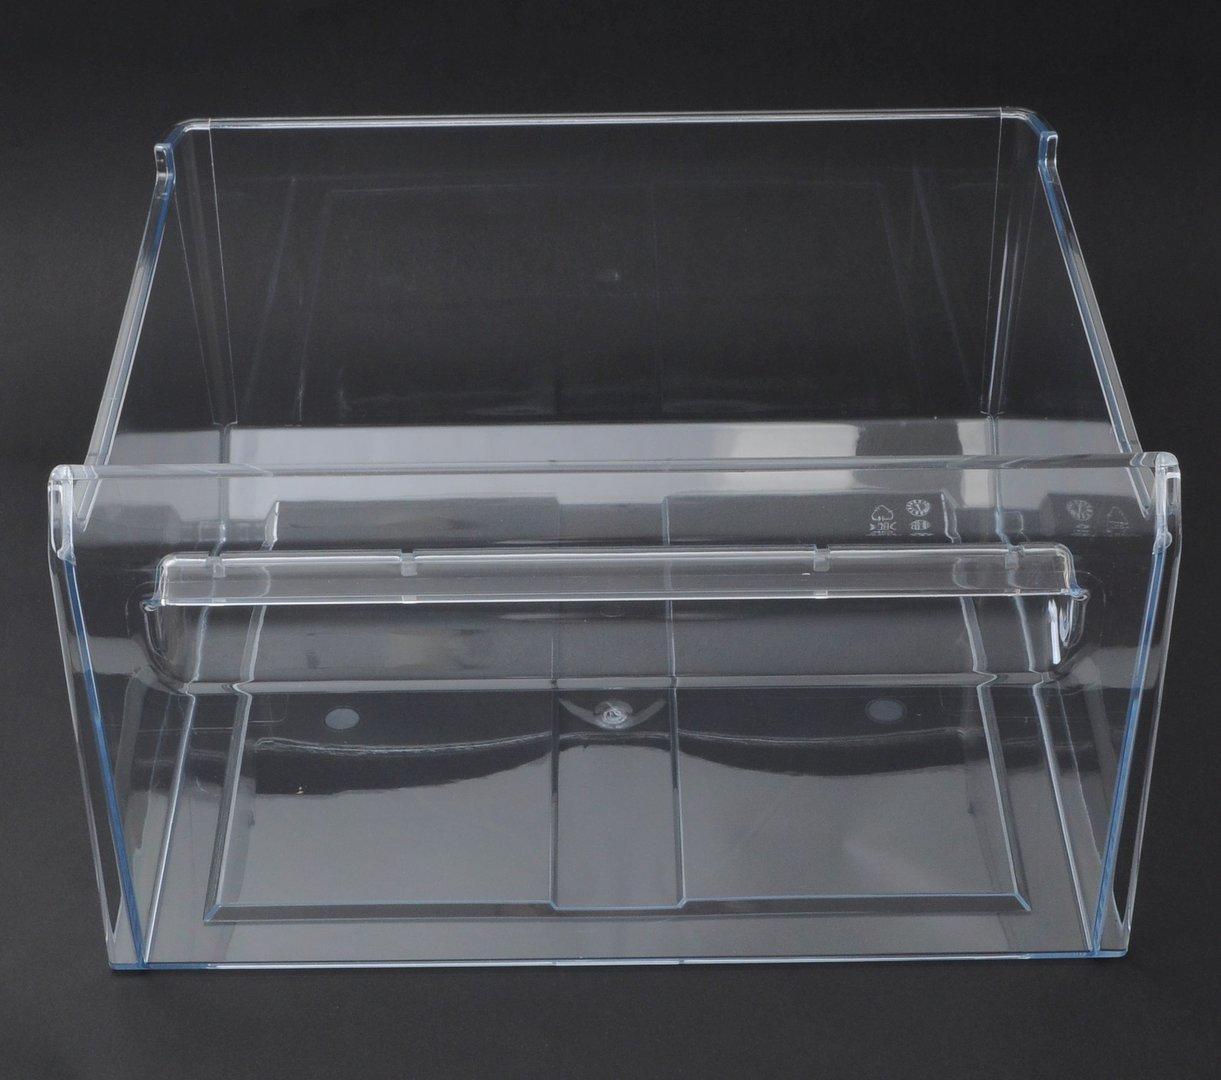 AEG Electrolux Juno Schublade Kasten Gefrier Schrank - 2247065267